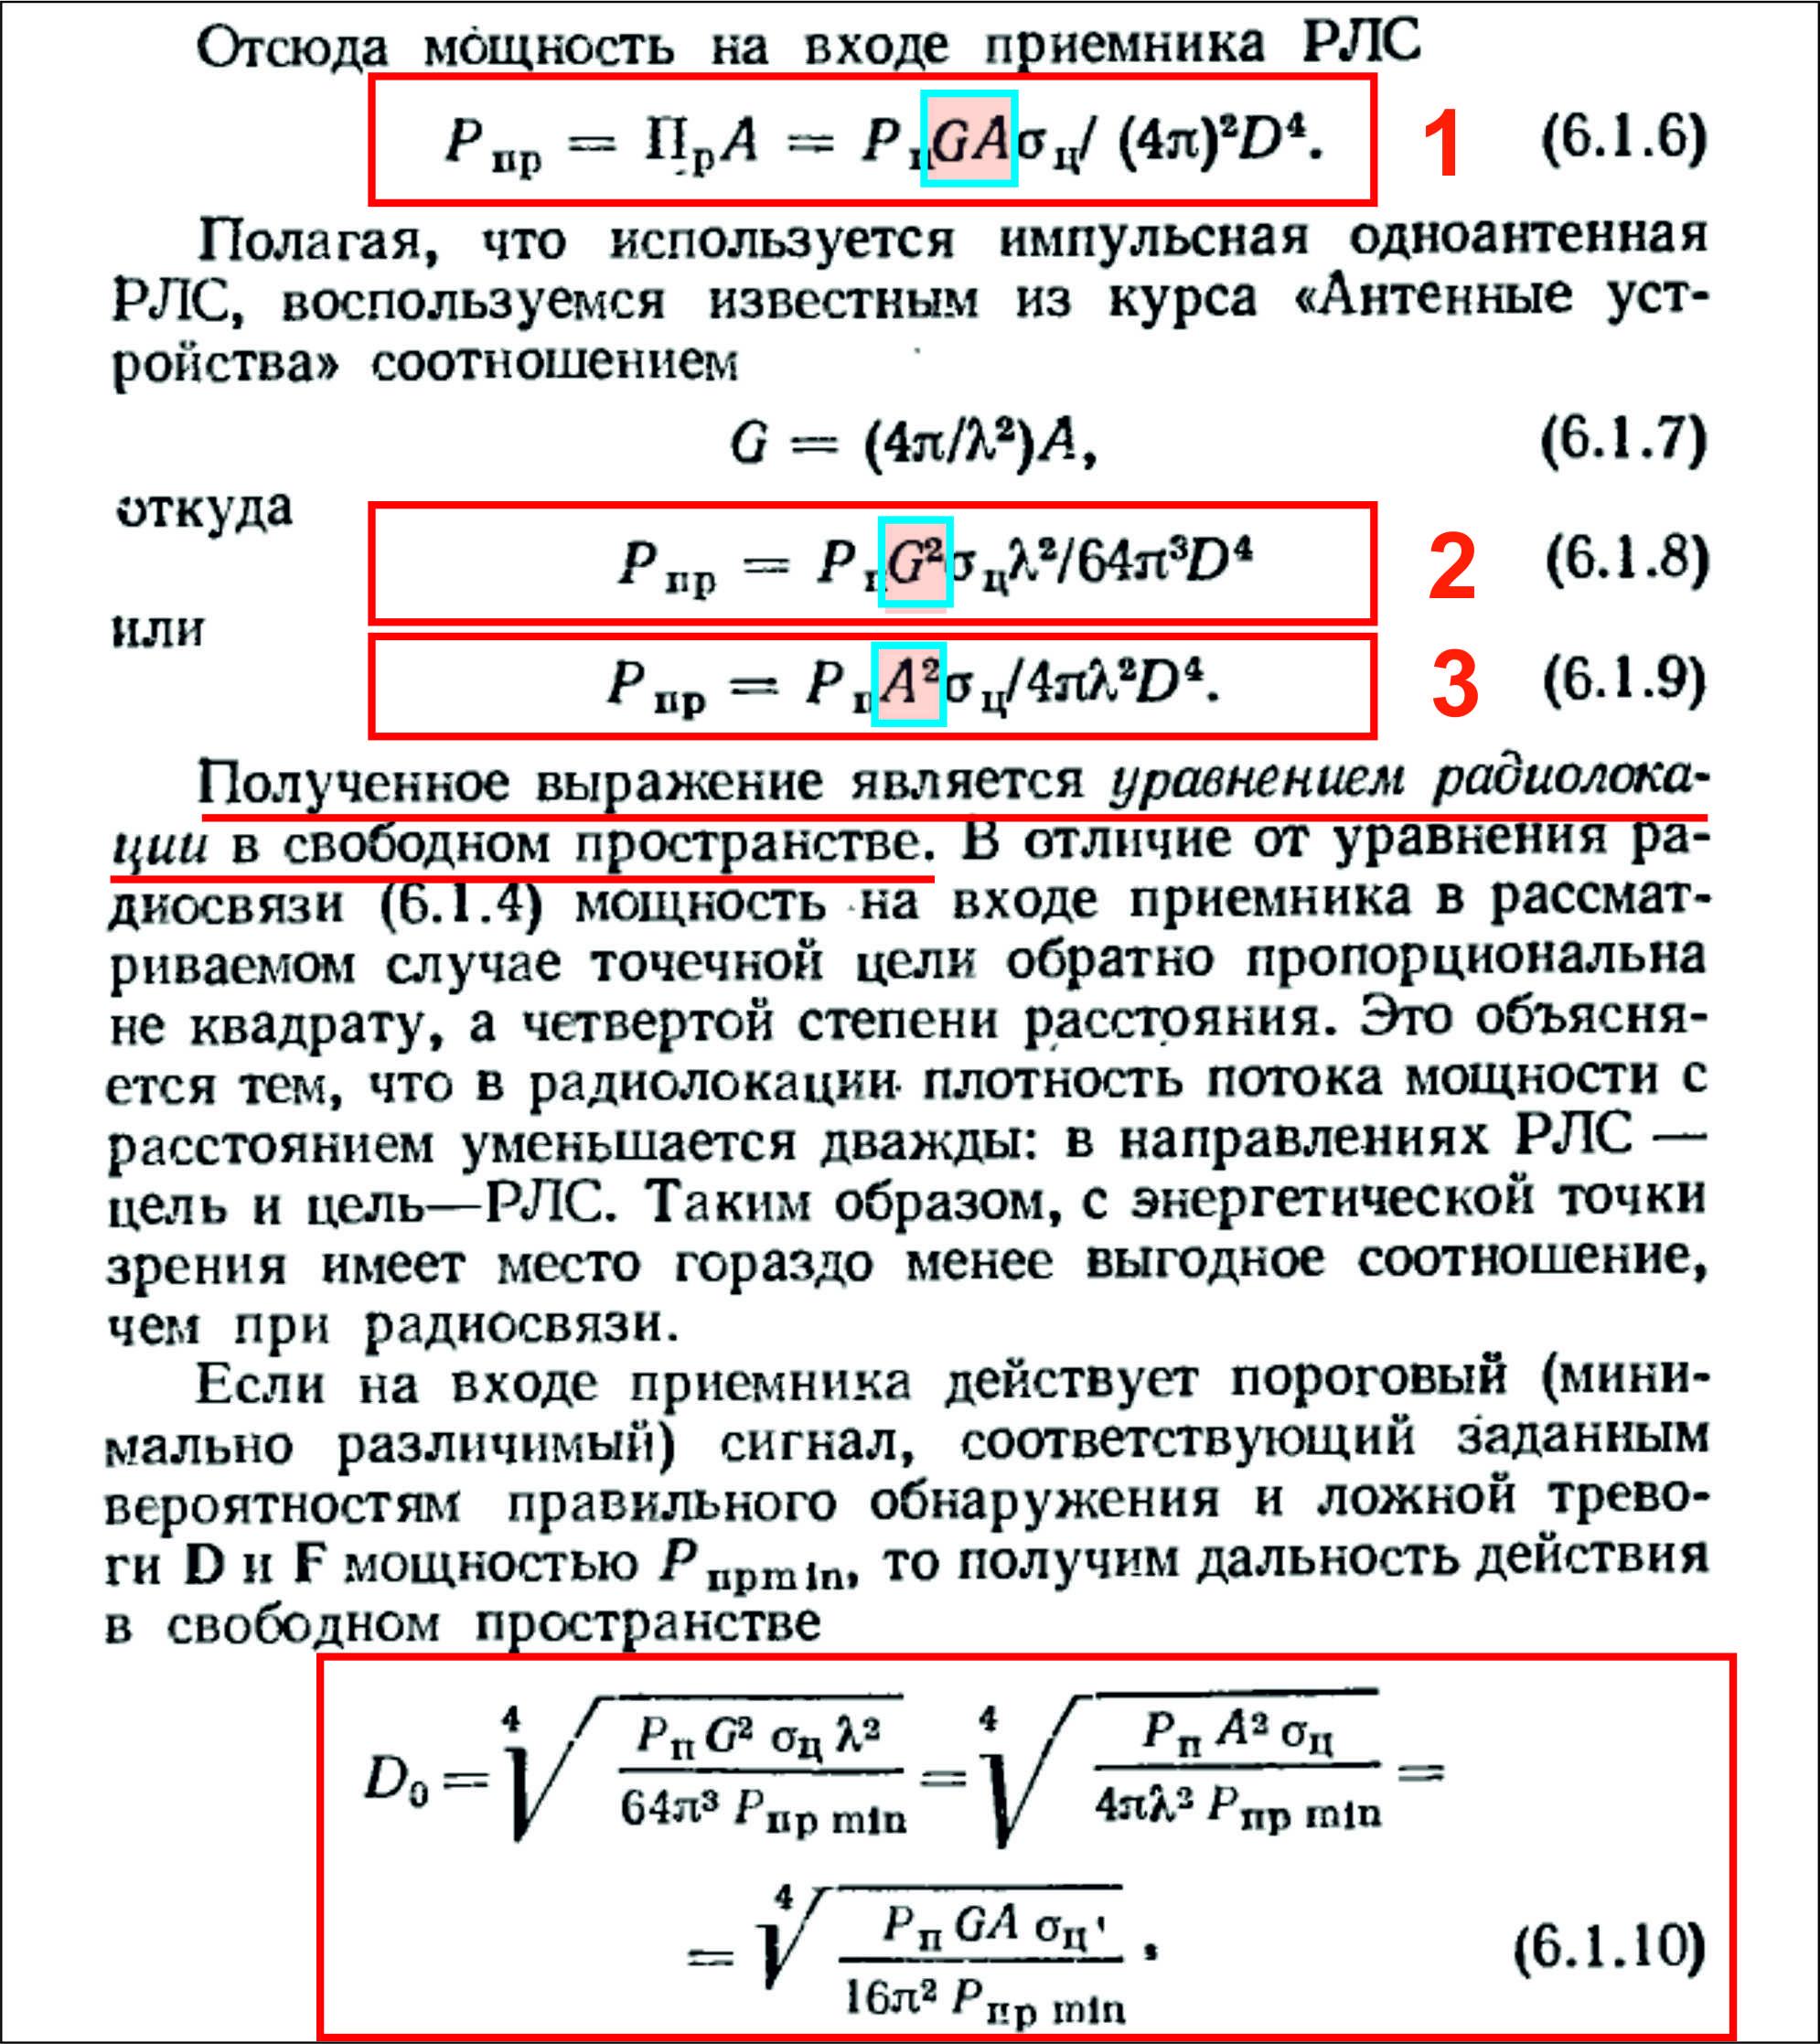 http://images.vfl.ru/ii/1618315308/829b66c4/34063189.jpg